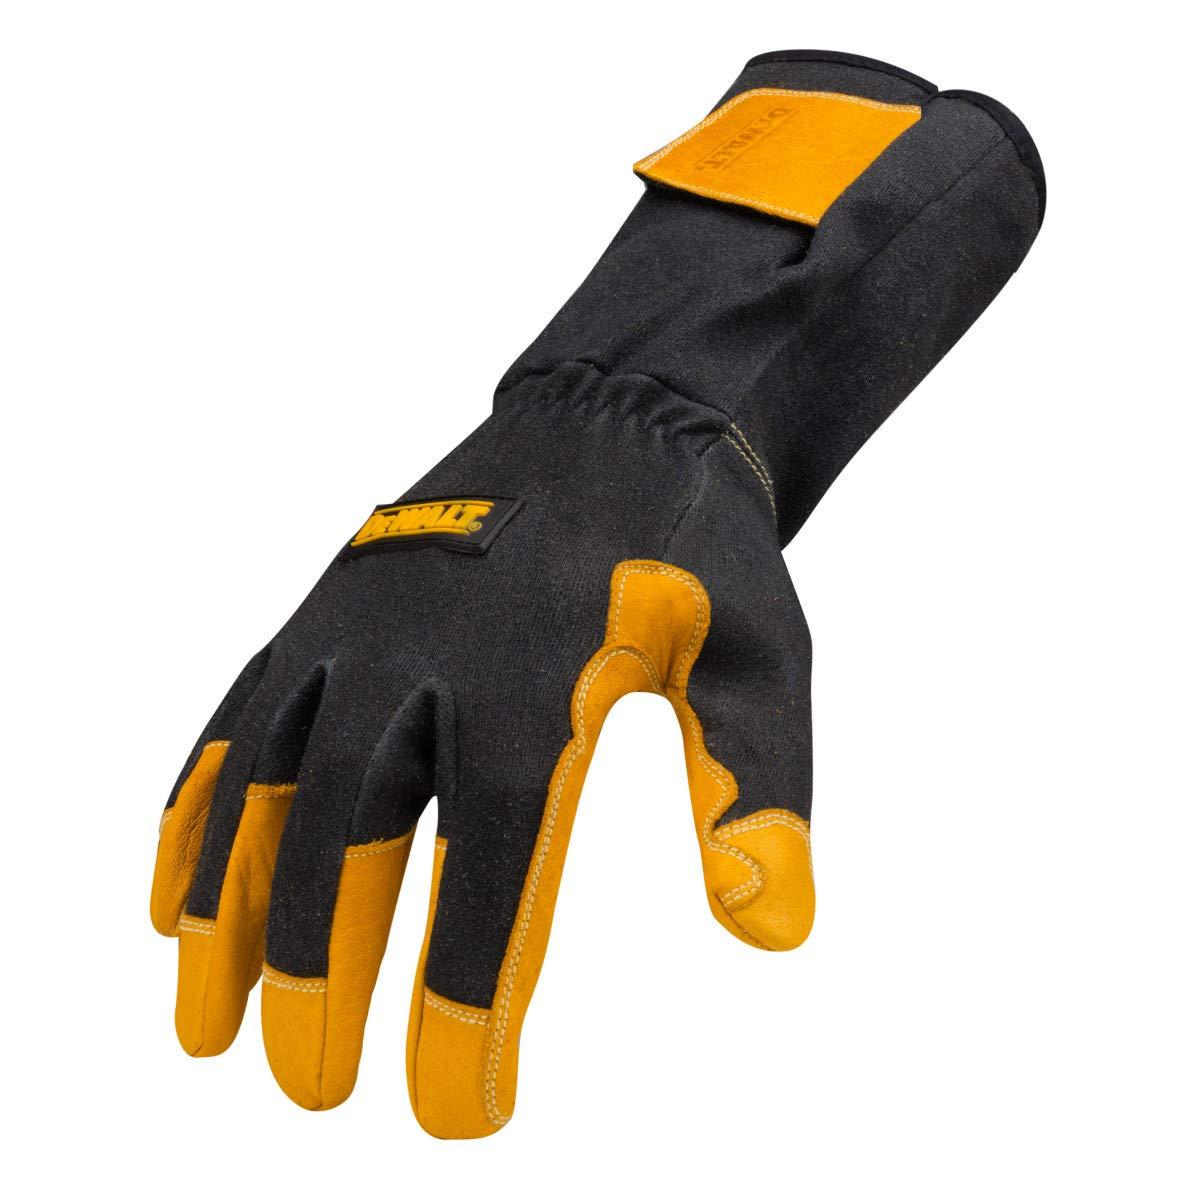 DEWALT DXMF030513XL Premium TIG Welding Gloves, 3X-Large by DEWALT